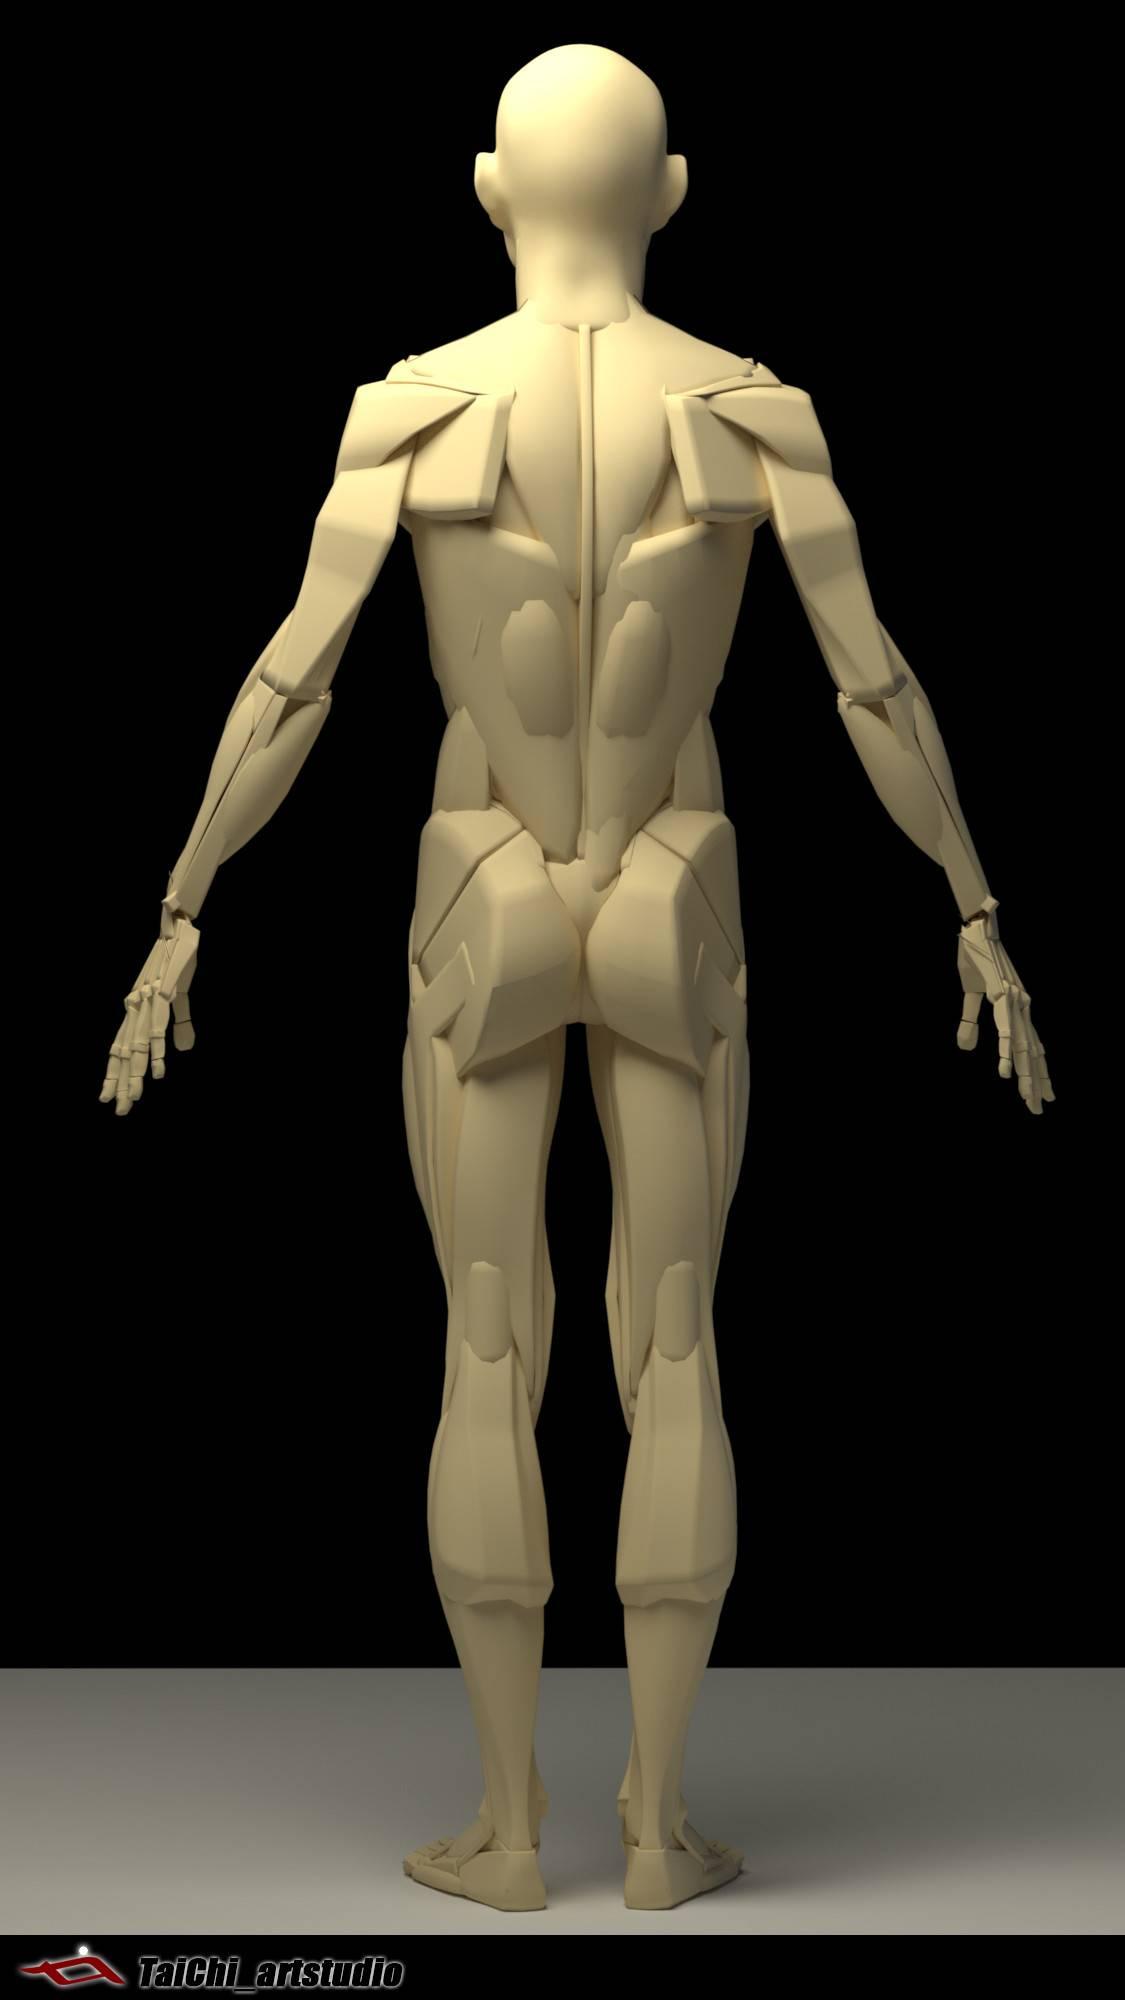 非常不错的人体分面图,美术练习的好东西! - R 站 学习使我快乐! - 16